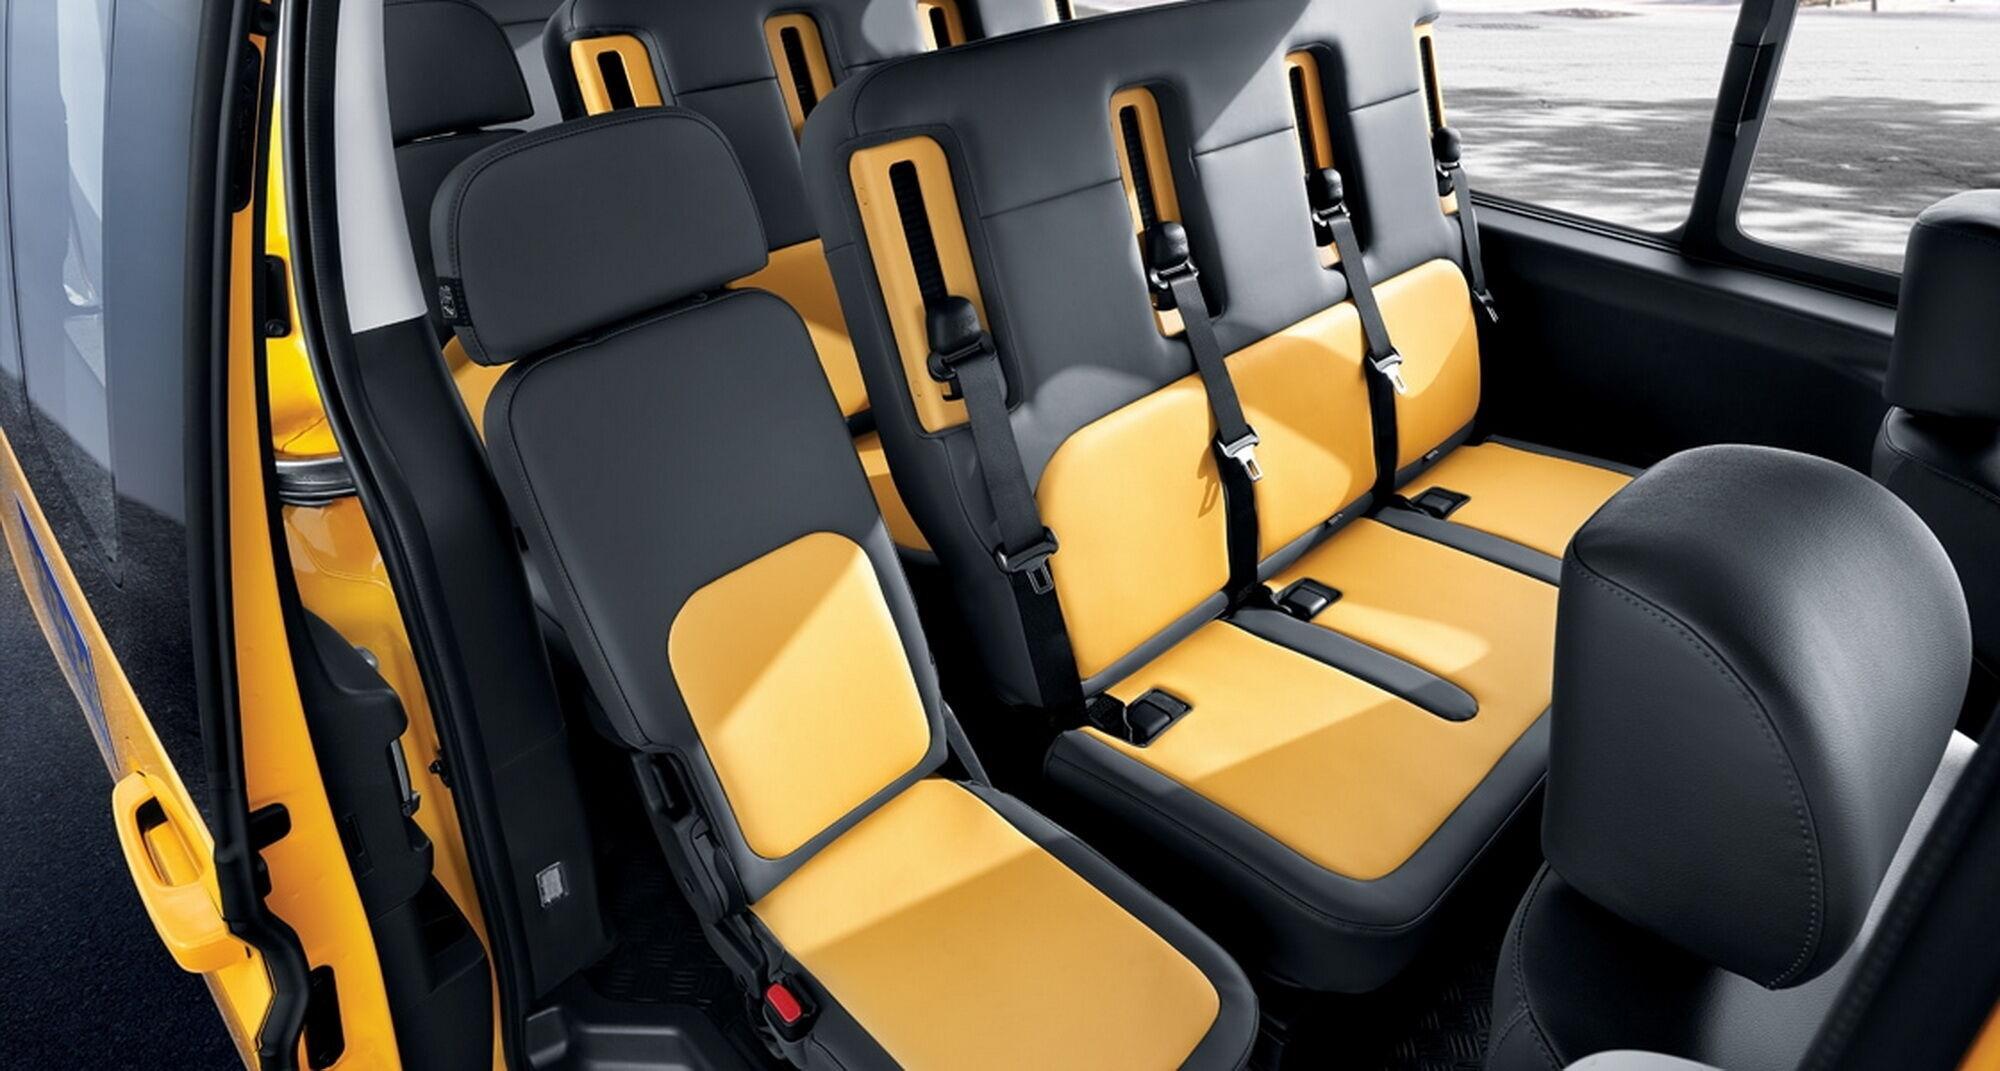 Для перевозки более крупной группы детей создана уникальная 15-местная версия с узкими сиденьями с высокими спинками